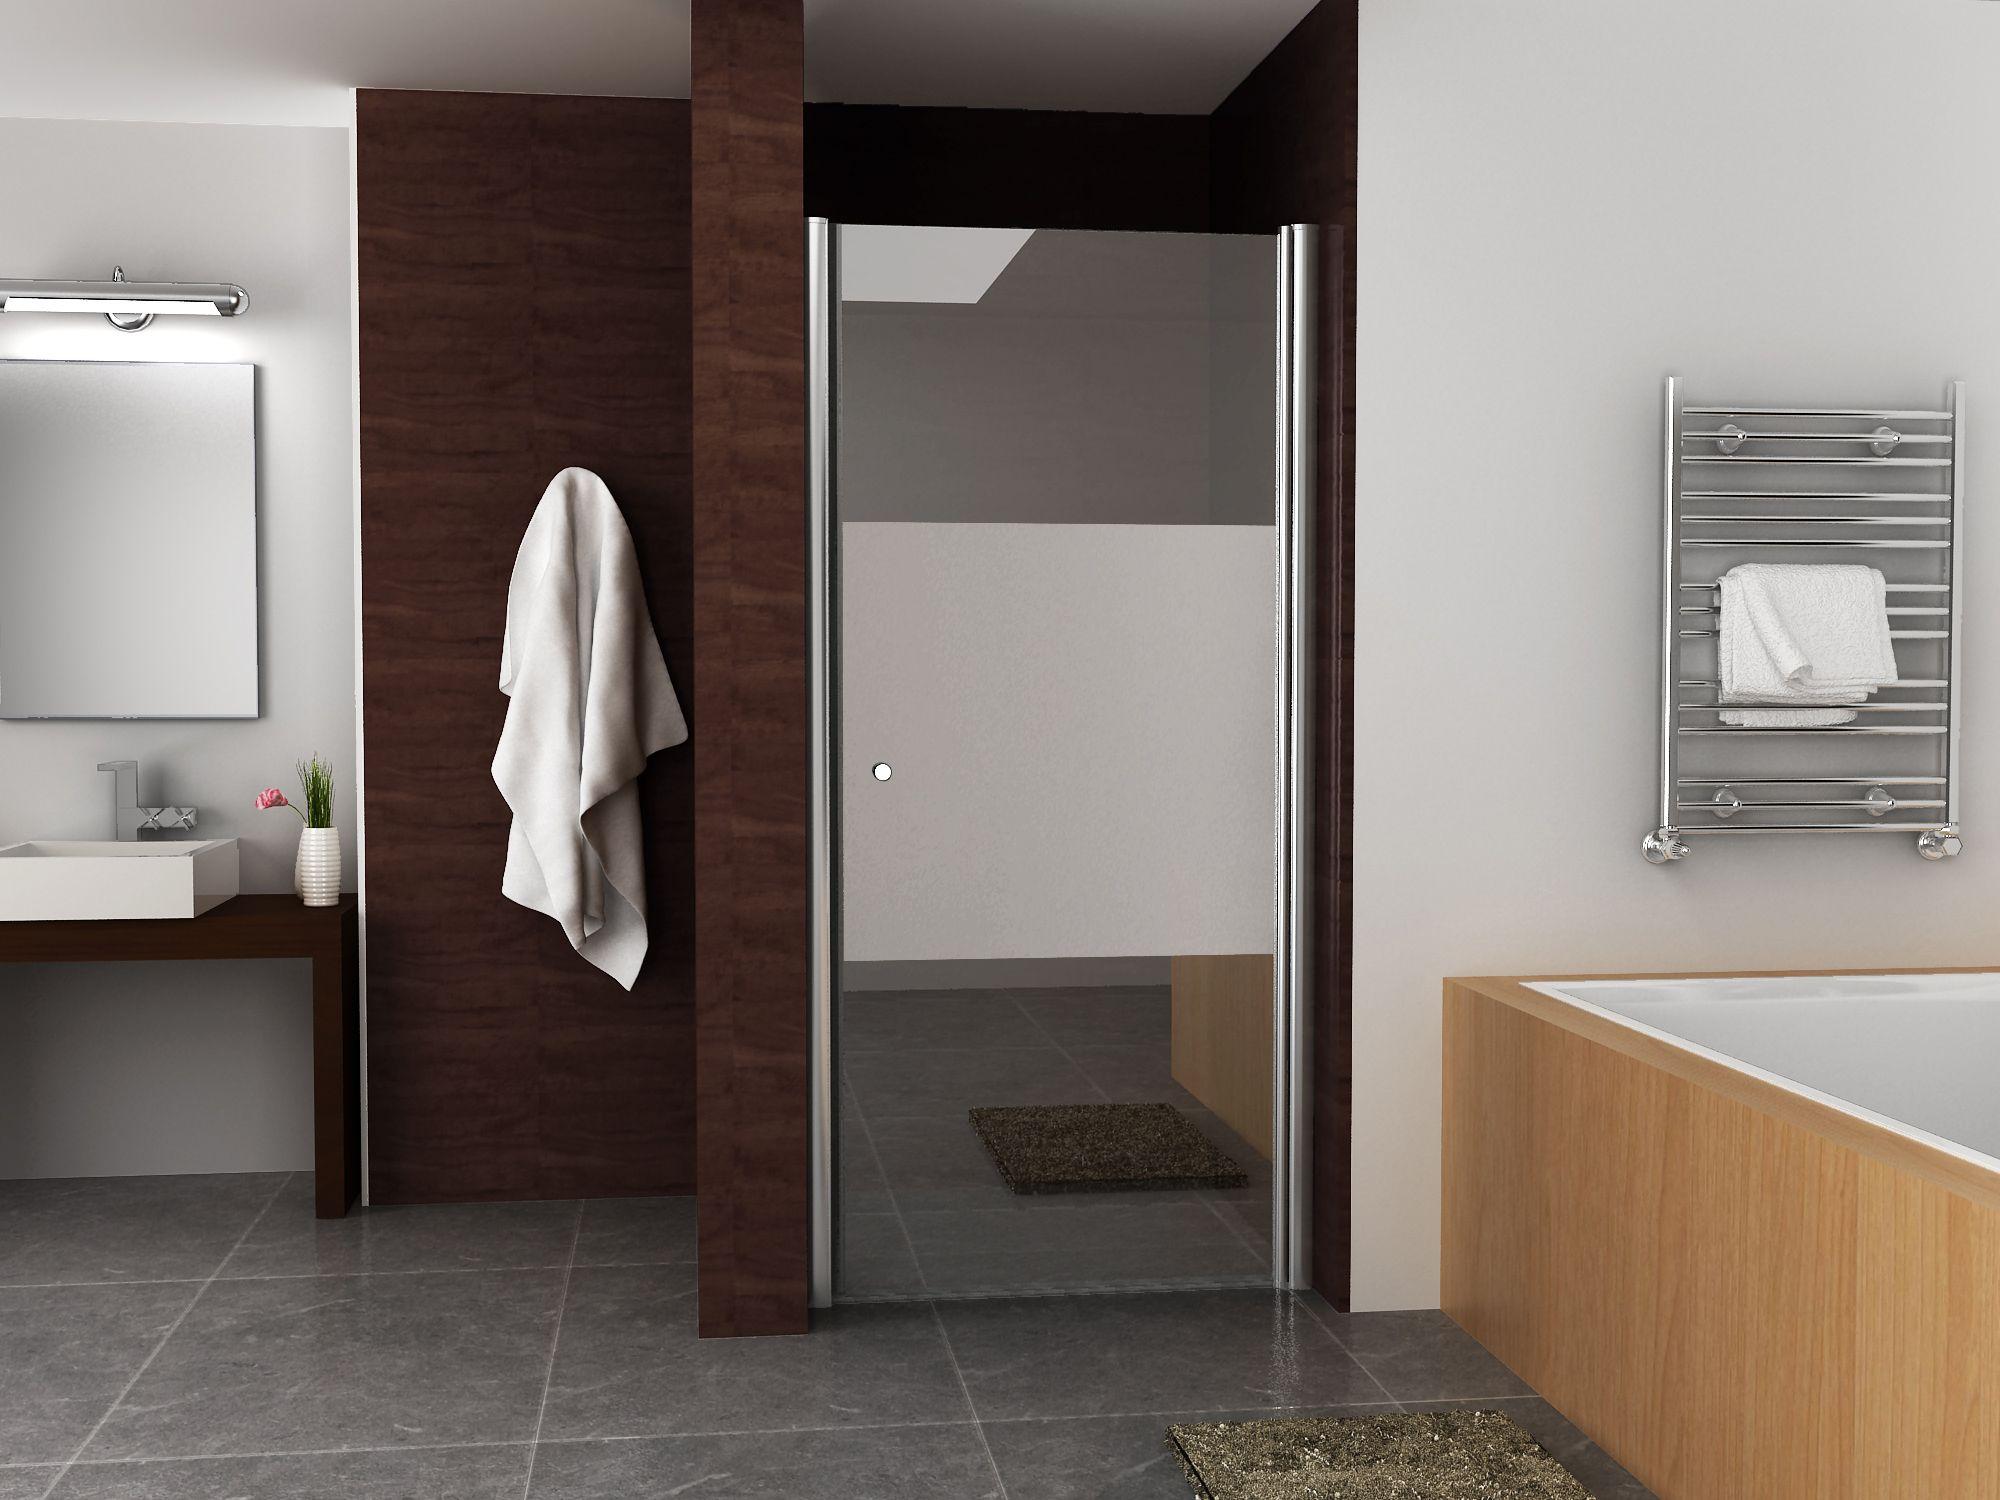 Mueller Satijn douchedeur rechts met mat glas 70x200cm ANTI-KALK